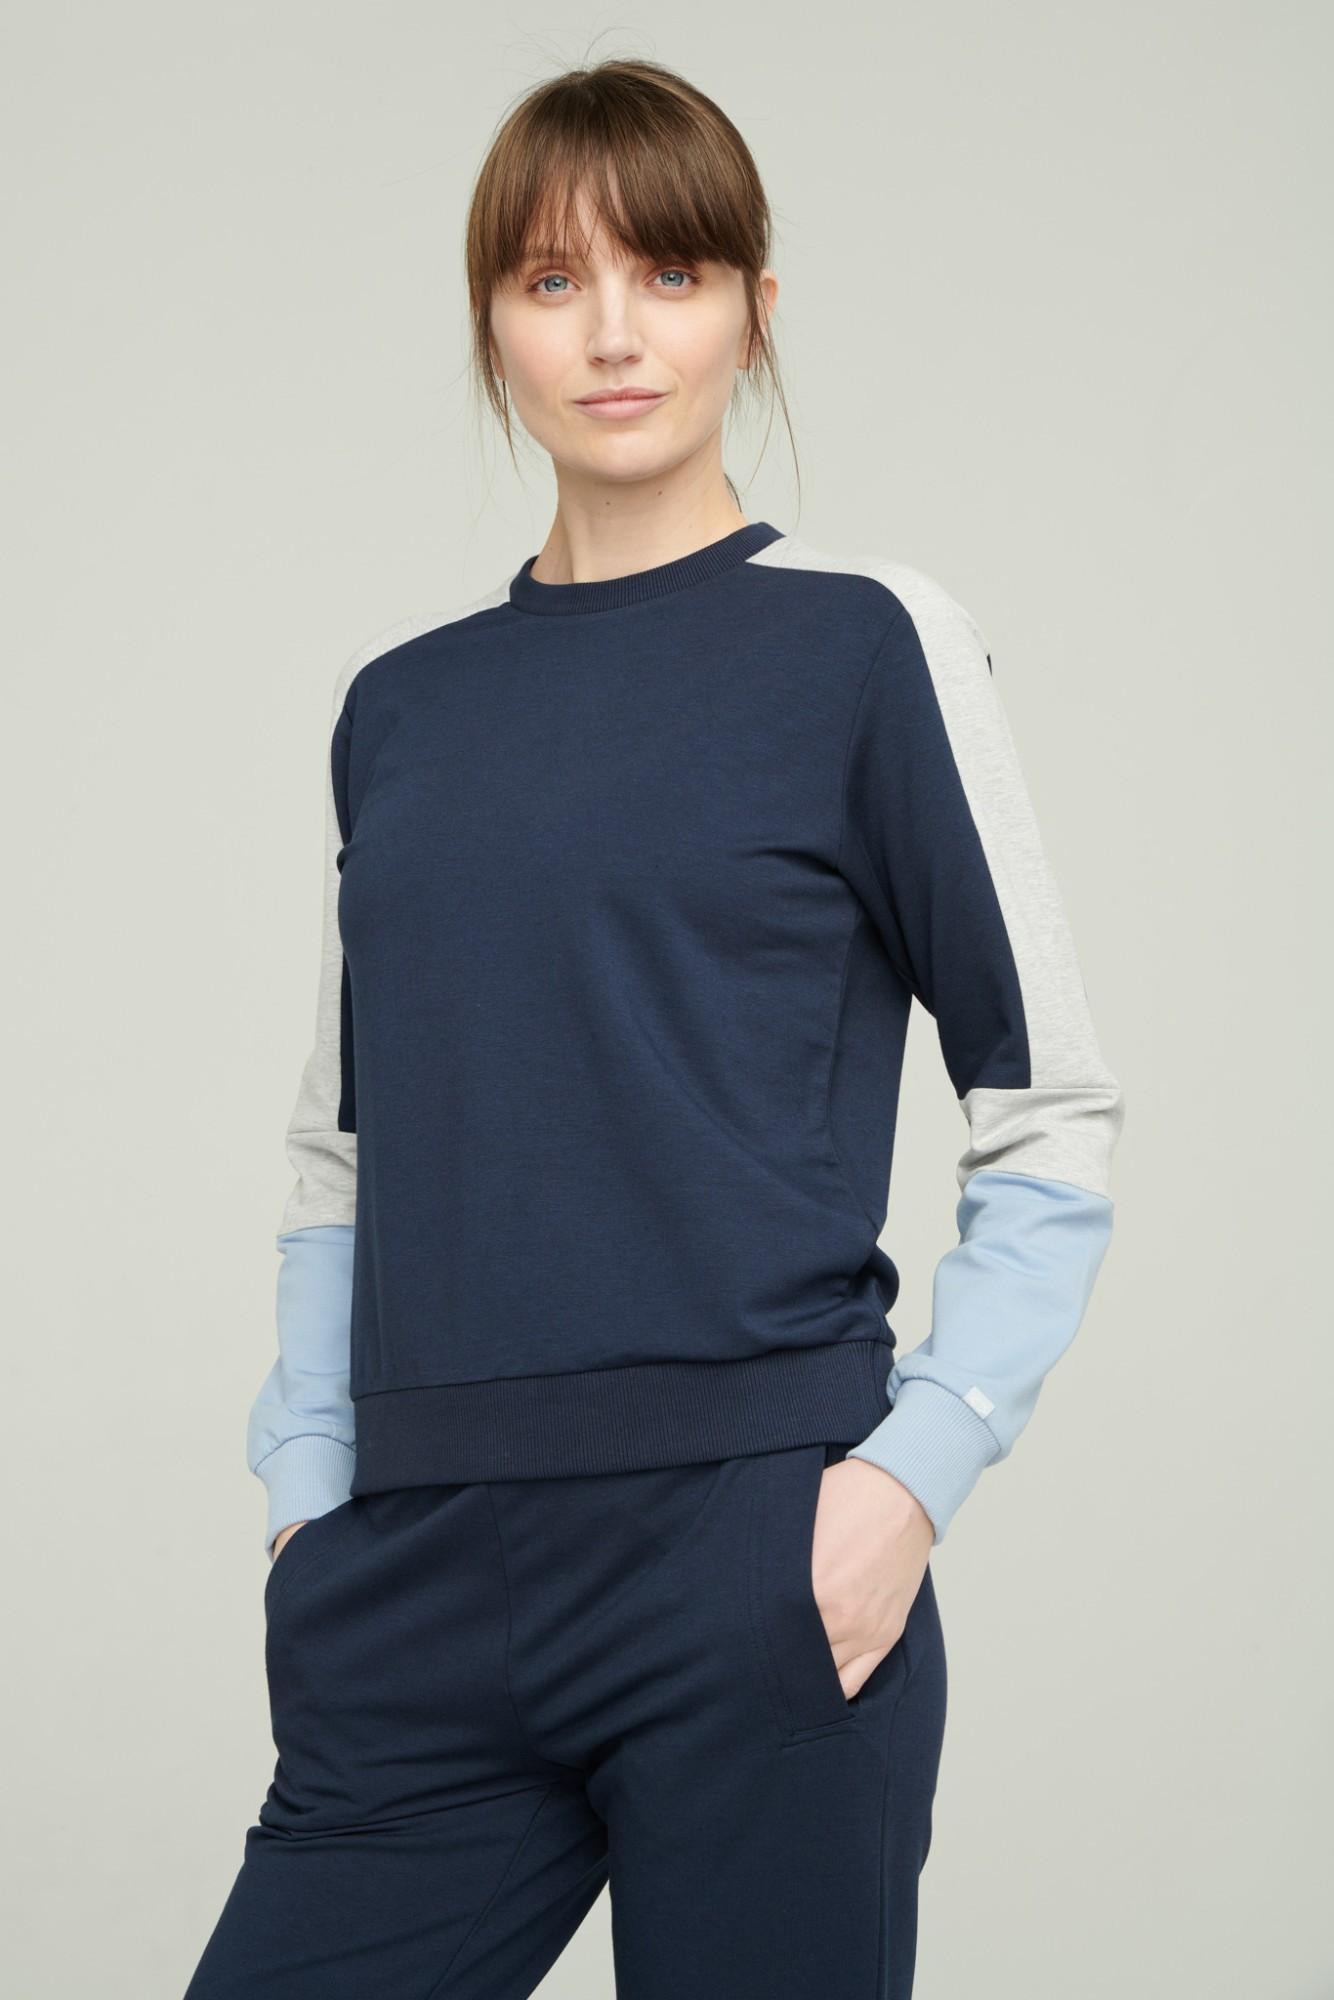 AUDIMAS Švelnus modalo džemperis 2111-056 Navy Blazer S